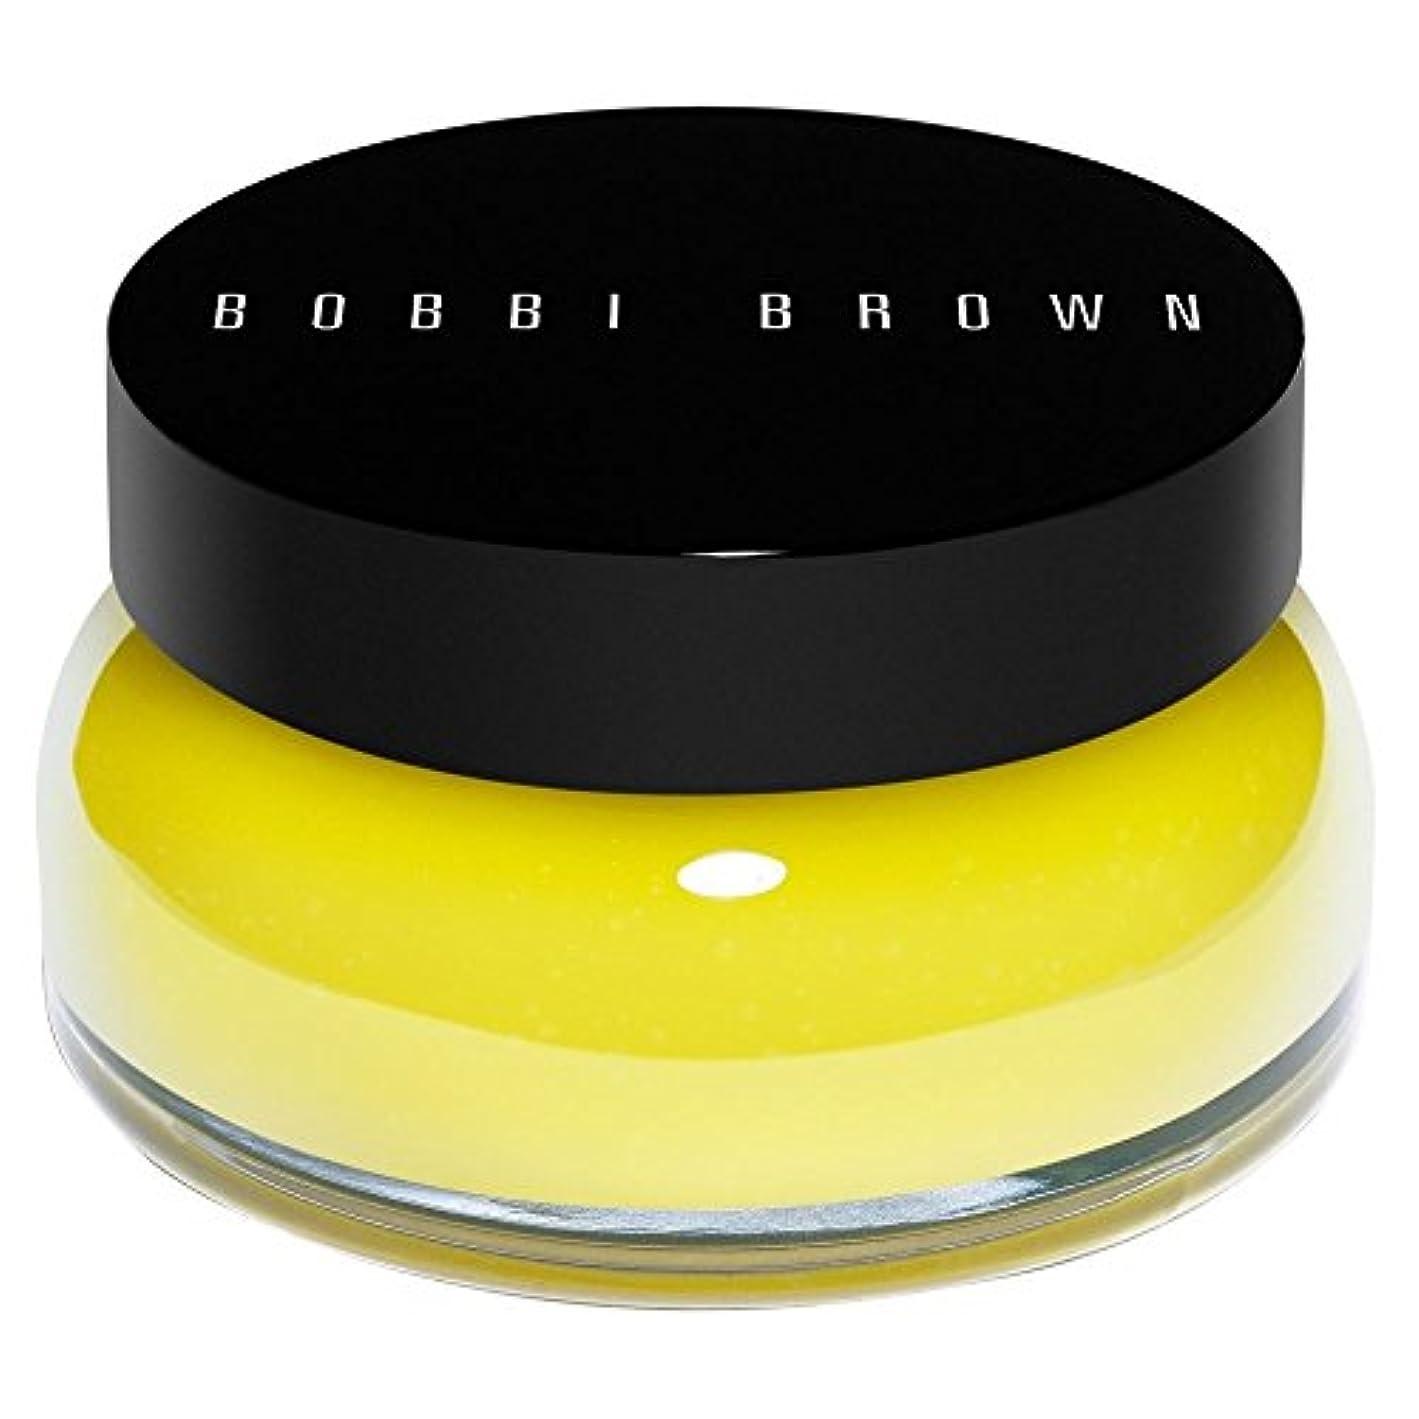 パワーセルモンク振る舞う[Bobbi Brown] ボビーブラウンエクストラバームリンス - Bobbi Brown Extra Balm Rinse [並行輸入品]